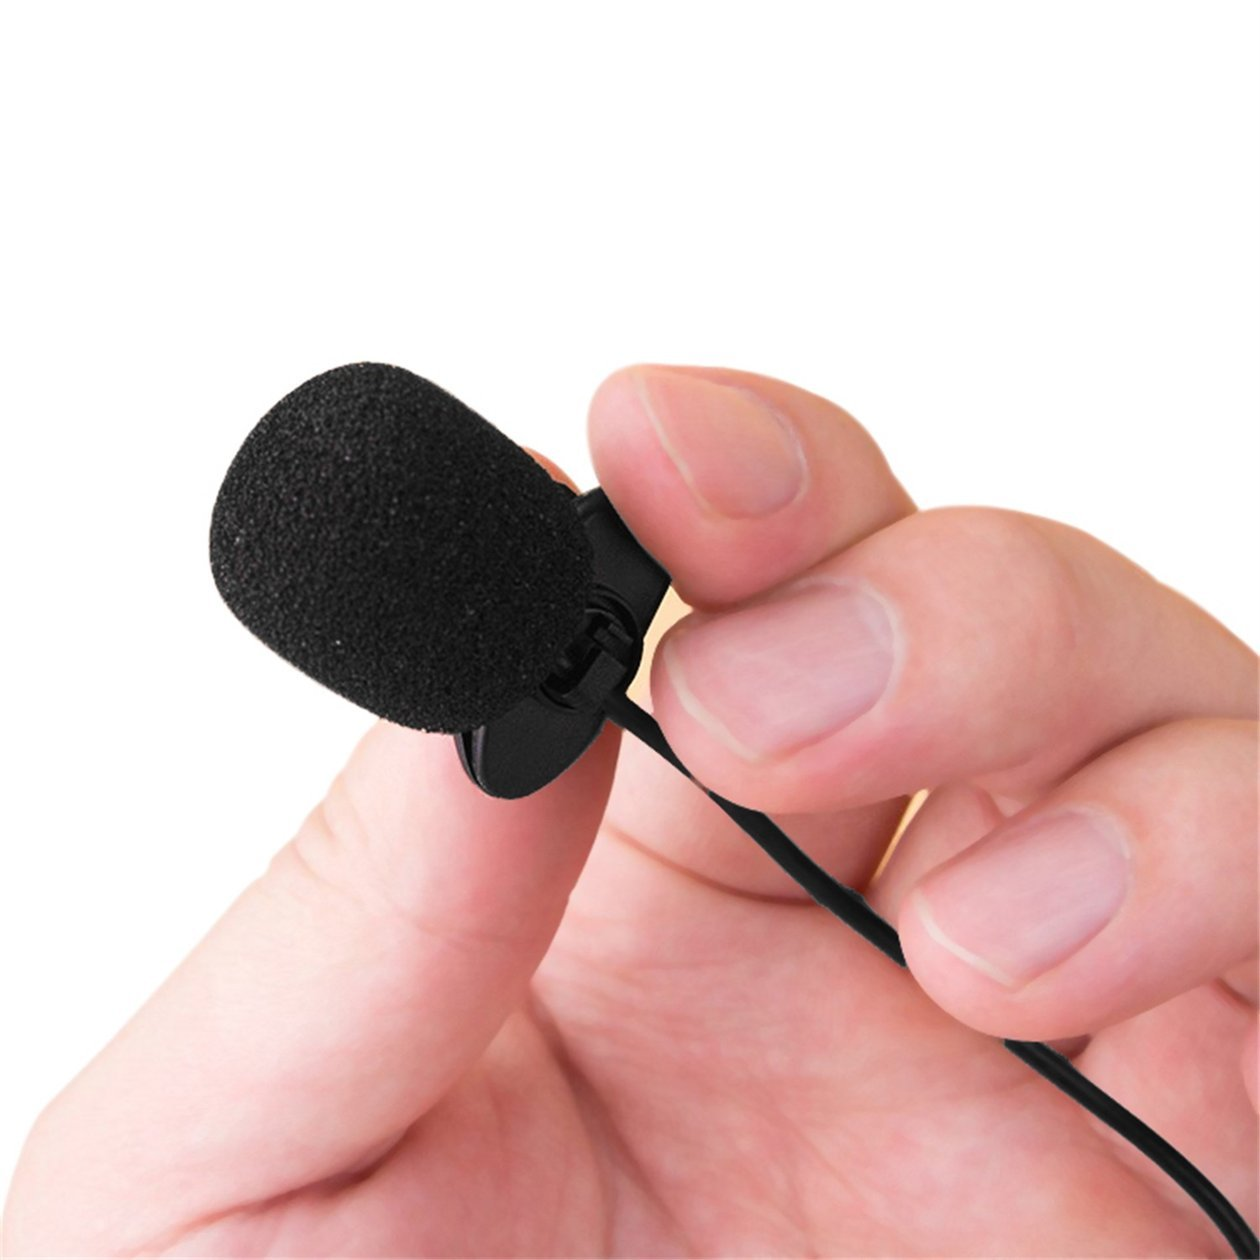 BIYI Nuevo Mini port/átil 3.5mm Mini Studio Speech Mic Micr/ófono con Clip para PC PC port/átil de Escritorio Conferencias Docencia Micr/ófono Negro Negro